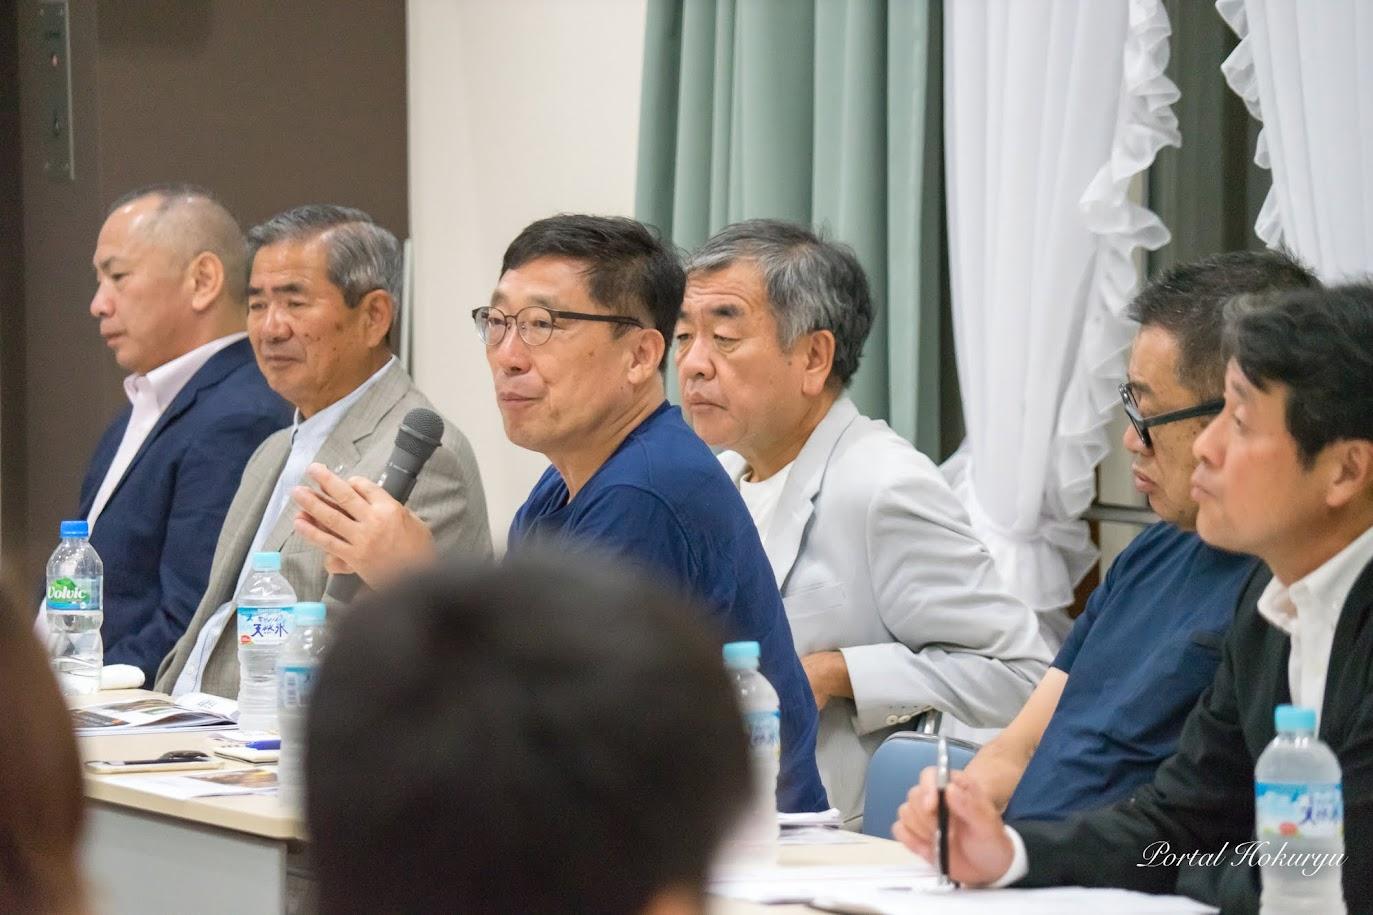 司会進行・鈴木輝隆 氏